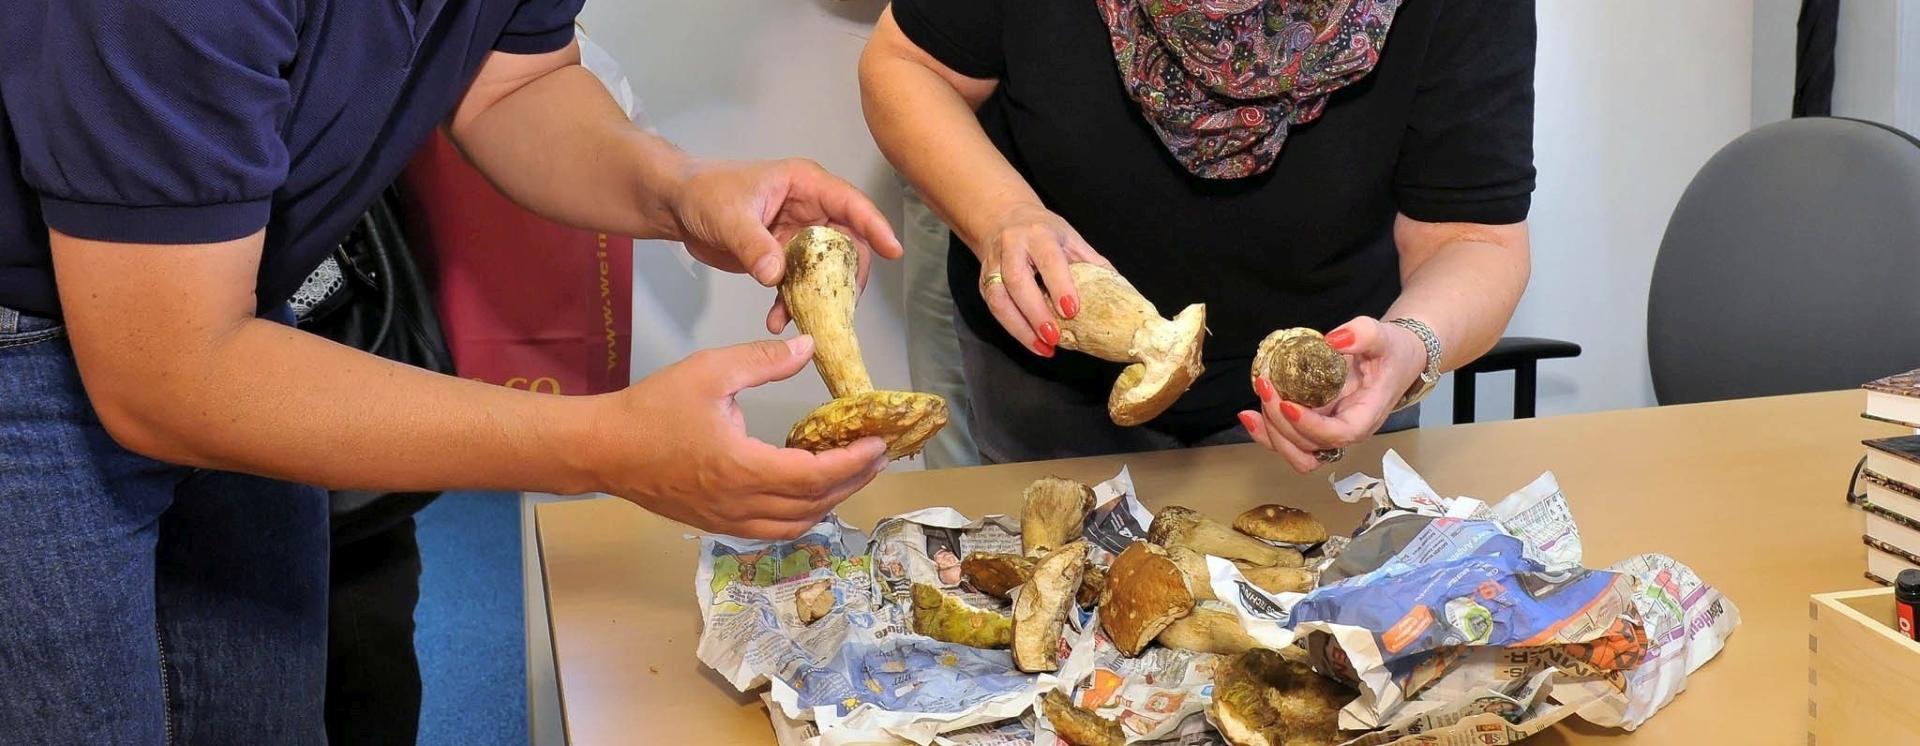 Grad Beč nudi besplatno savjetovanje tj. provjeru ubranih gljiva